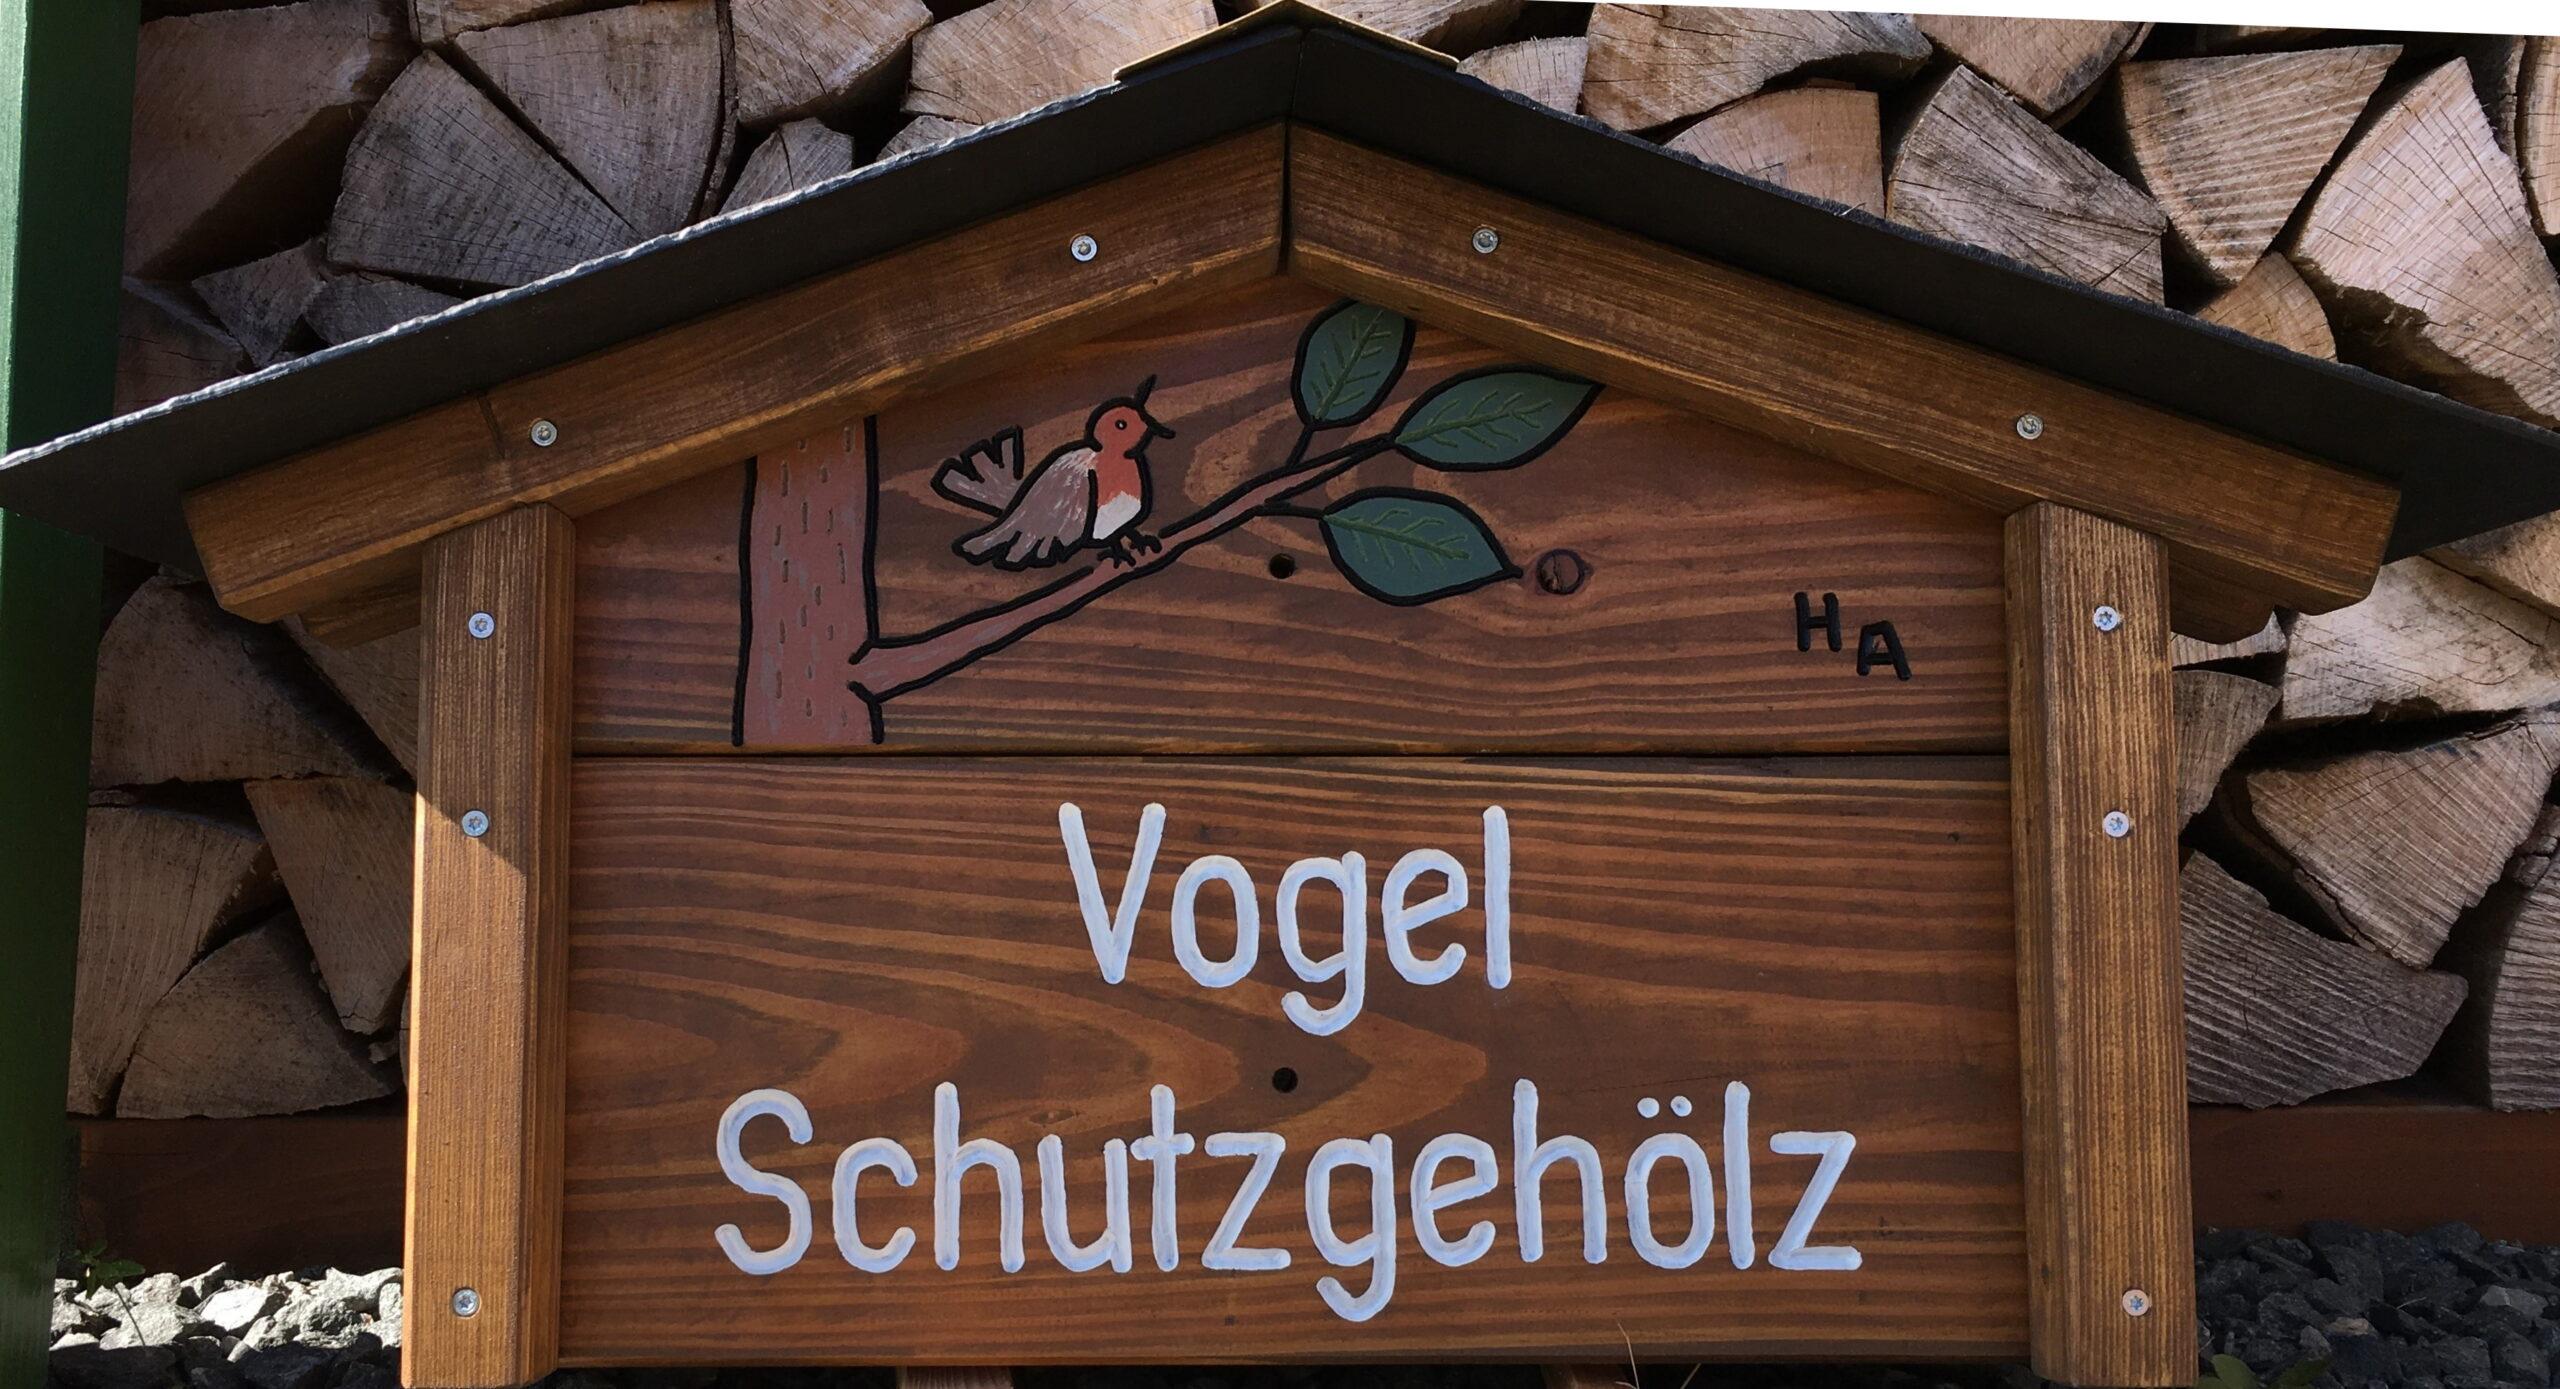 ein selbstgeschnitztes Holzschild zeigt einen Singvogel auf einem Ast Darunter steht in weißer Druckschrift VOGEL SCHUTZGEHÖLZ. Ein kleines Dach schützt das Schild gegen Verwitterung